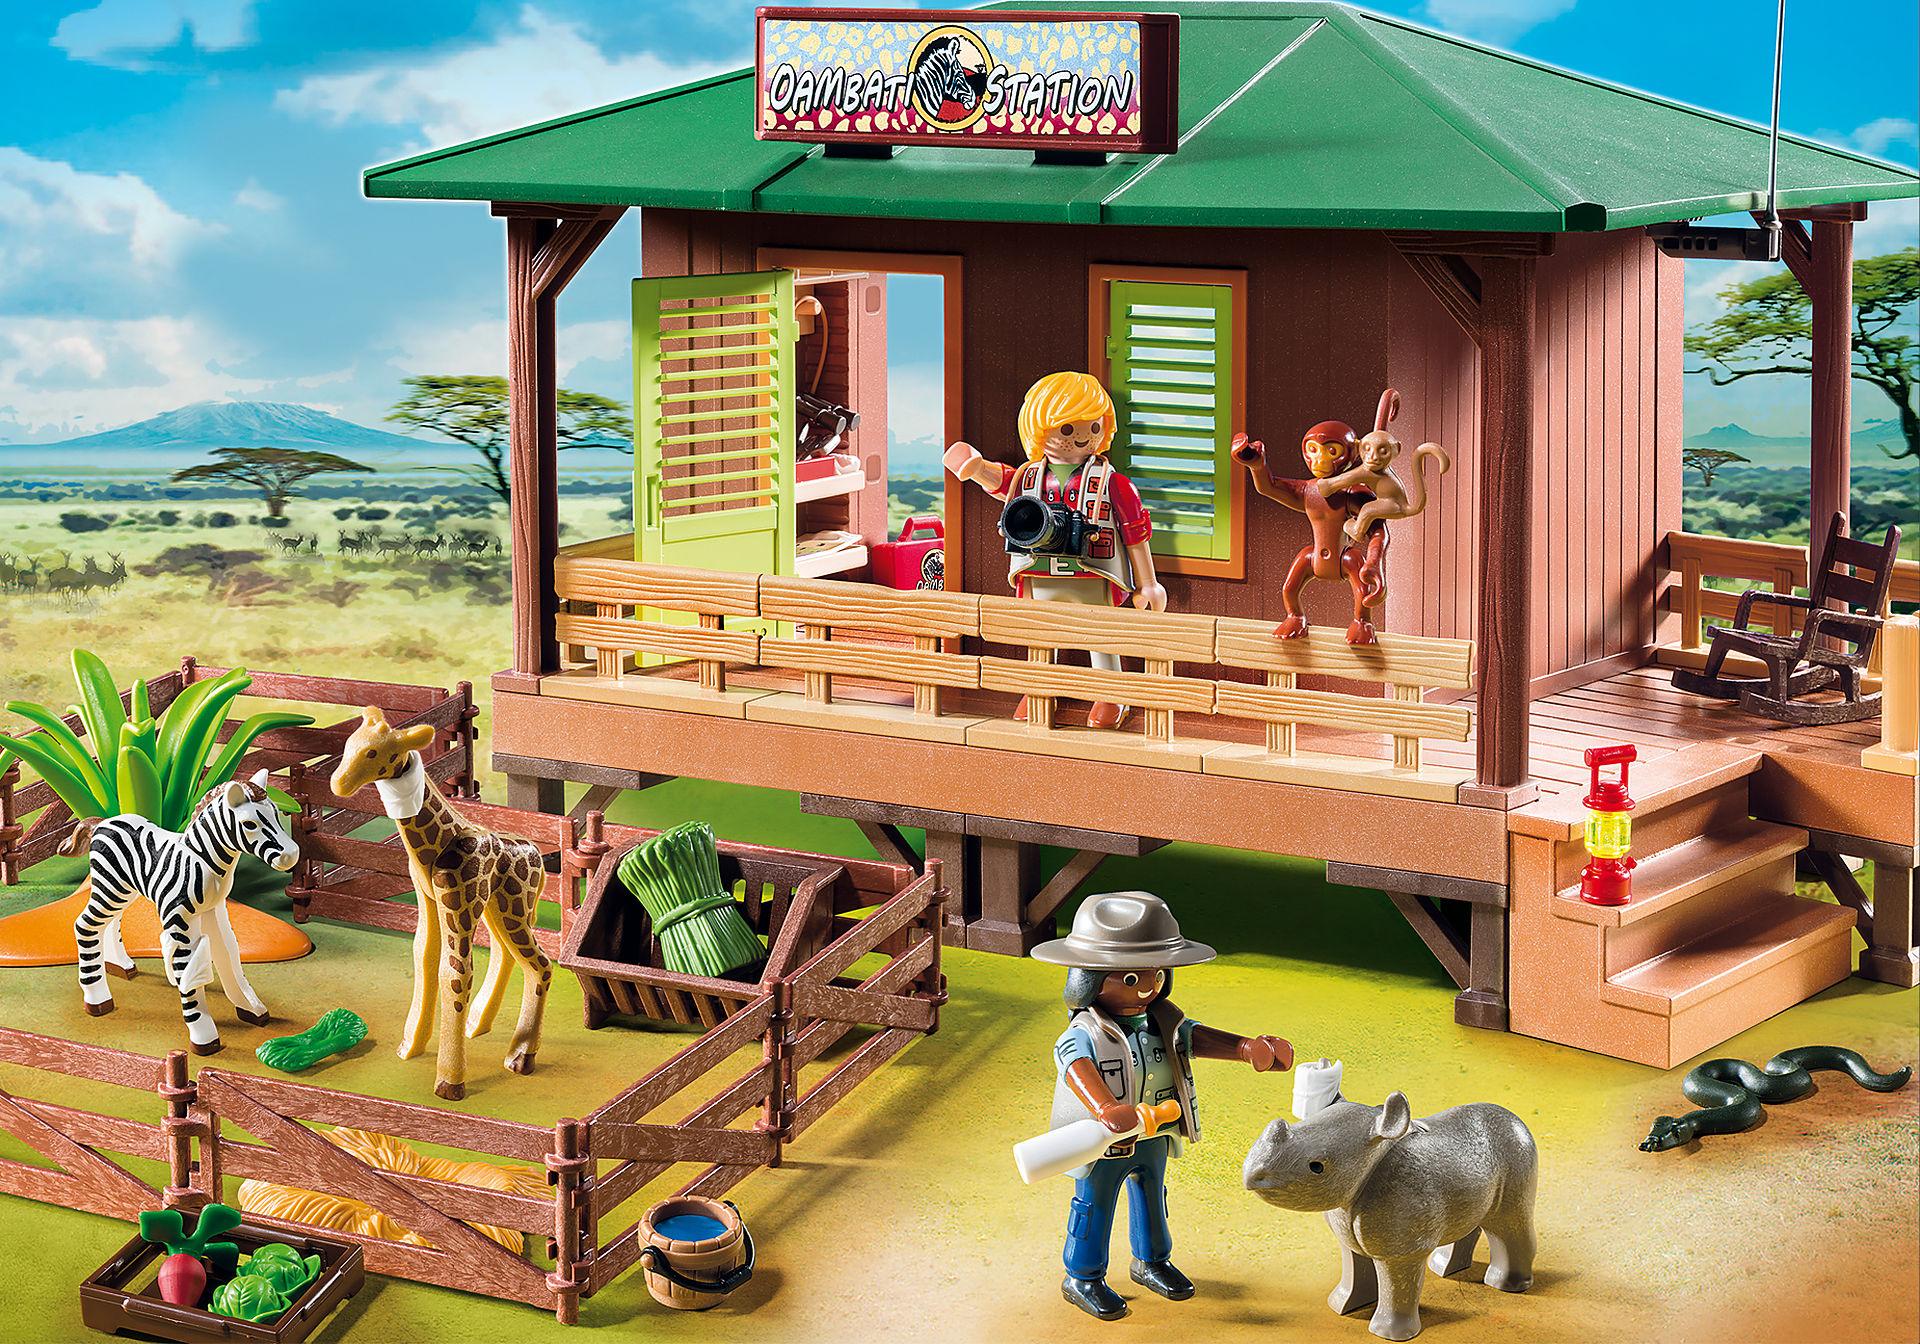 http://media.playmobil.com/i/playmobil/6936_product_detail/Centre de soins pour animaux de la savane